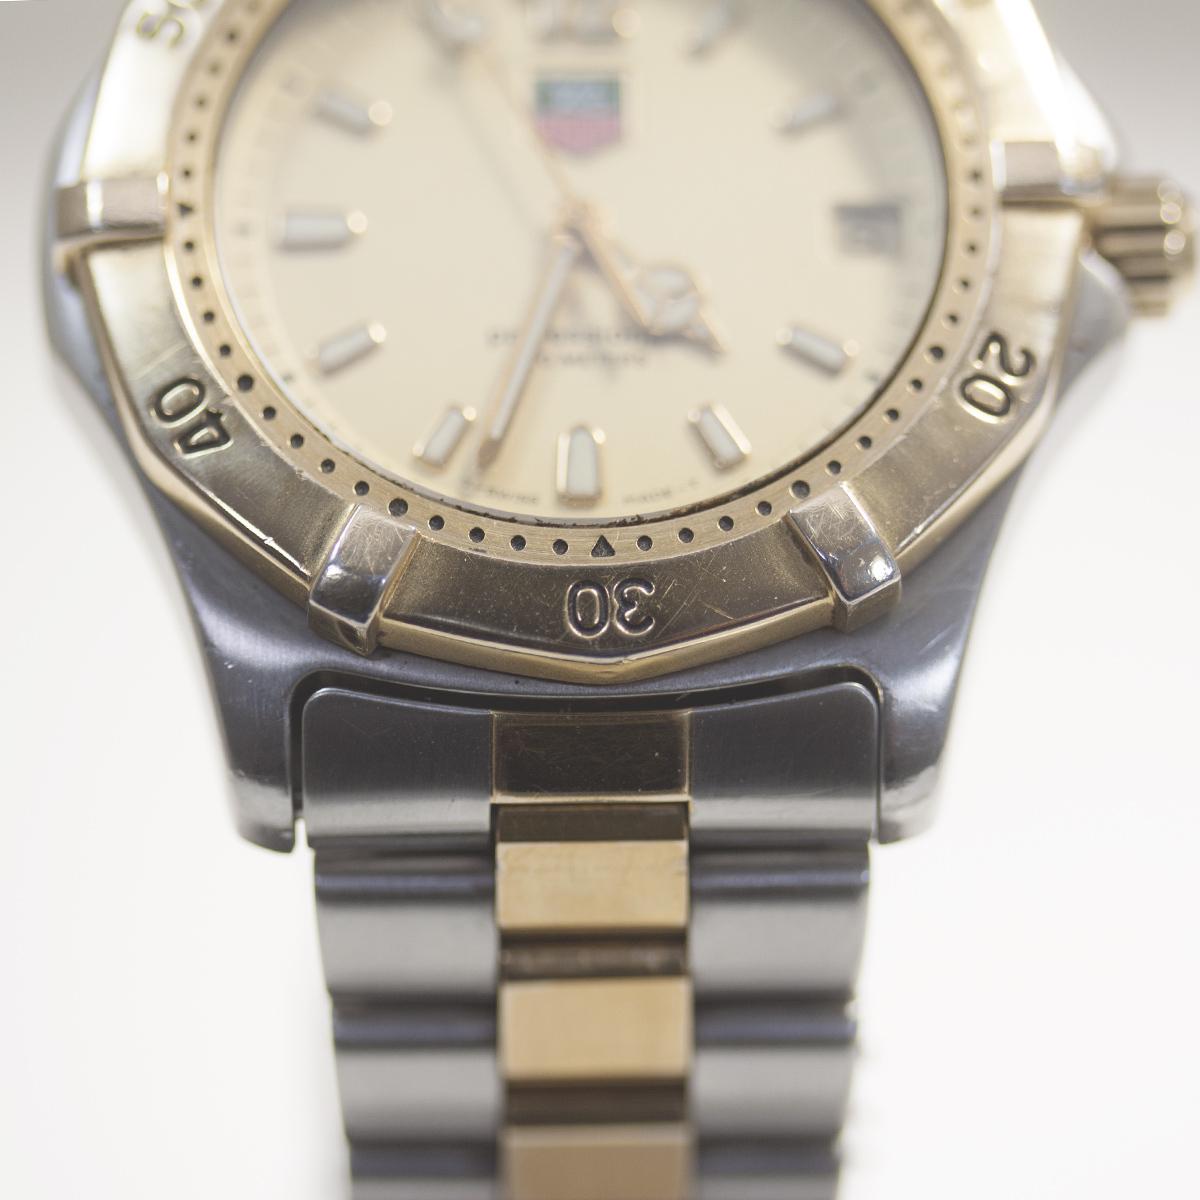 【TAG HEUER】タグホイヤー WK1121「プロフェッショナル 200m」クォーツ メンズ 腕時計【中古品】_画像4